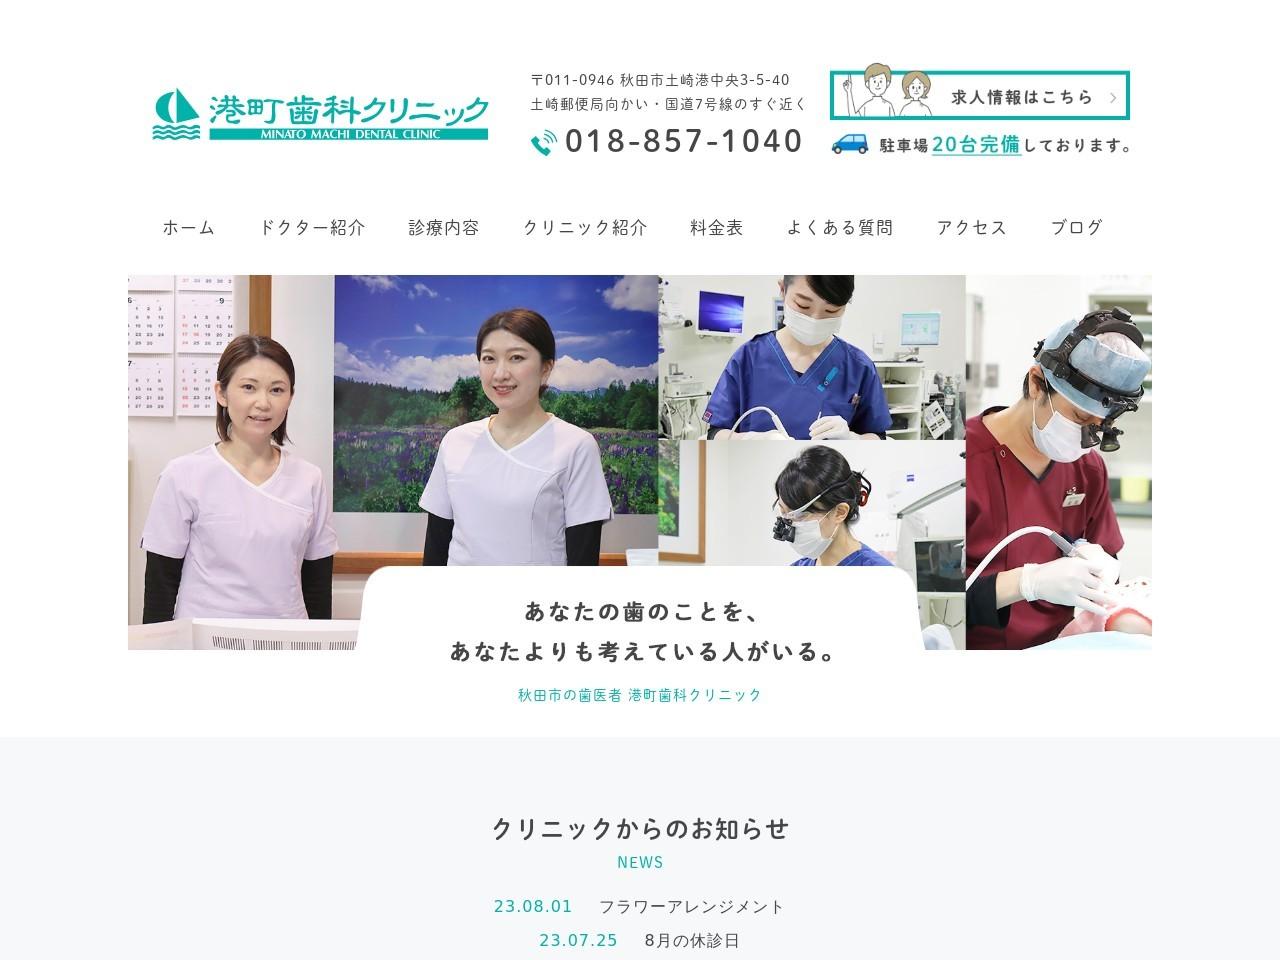 医療法人東京堂  港町歯科クリニック (秋田県秋田市)